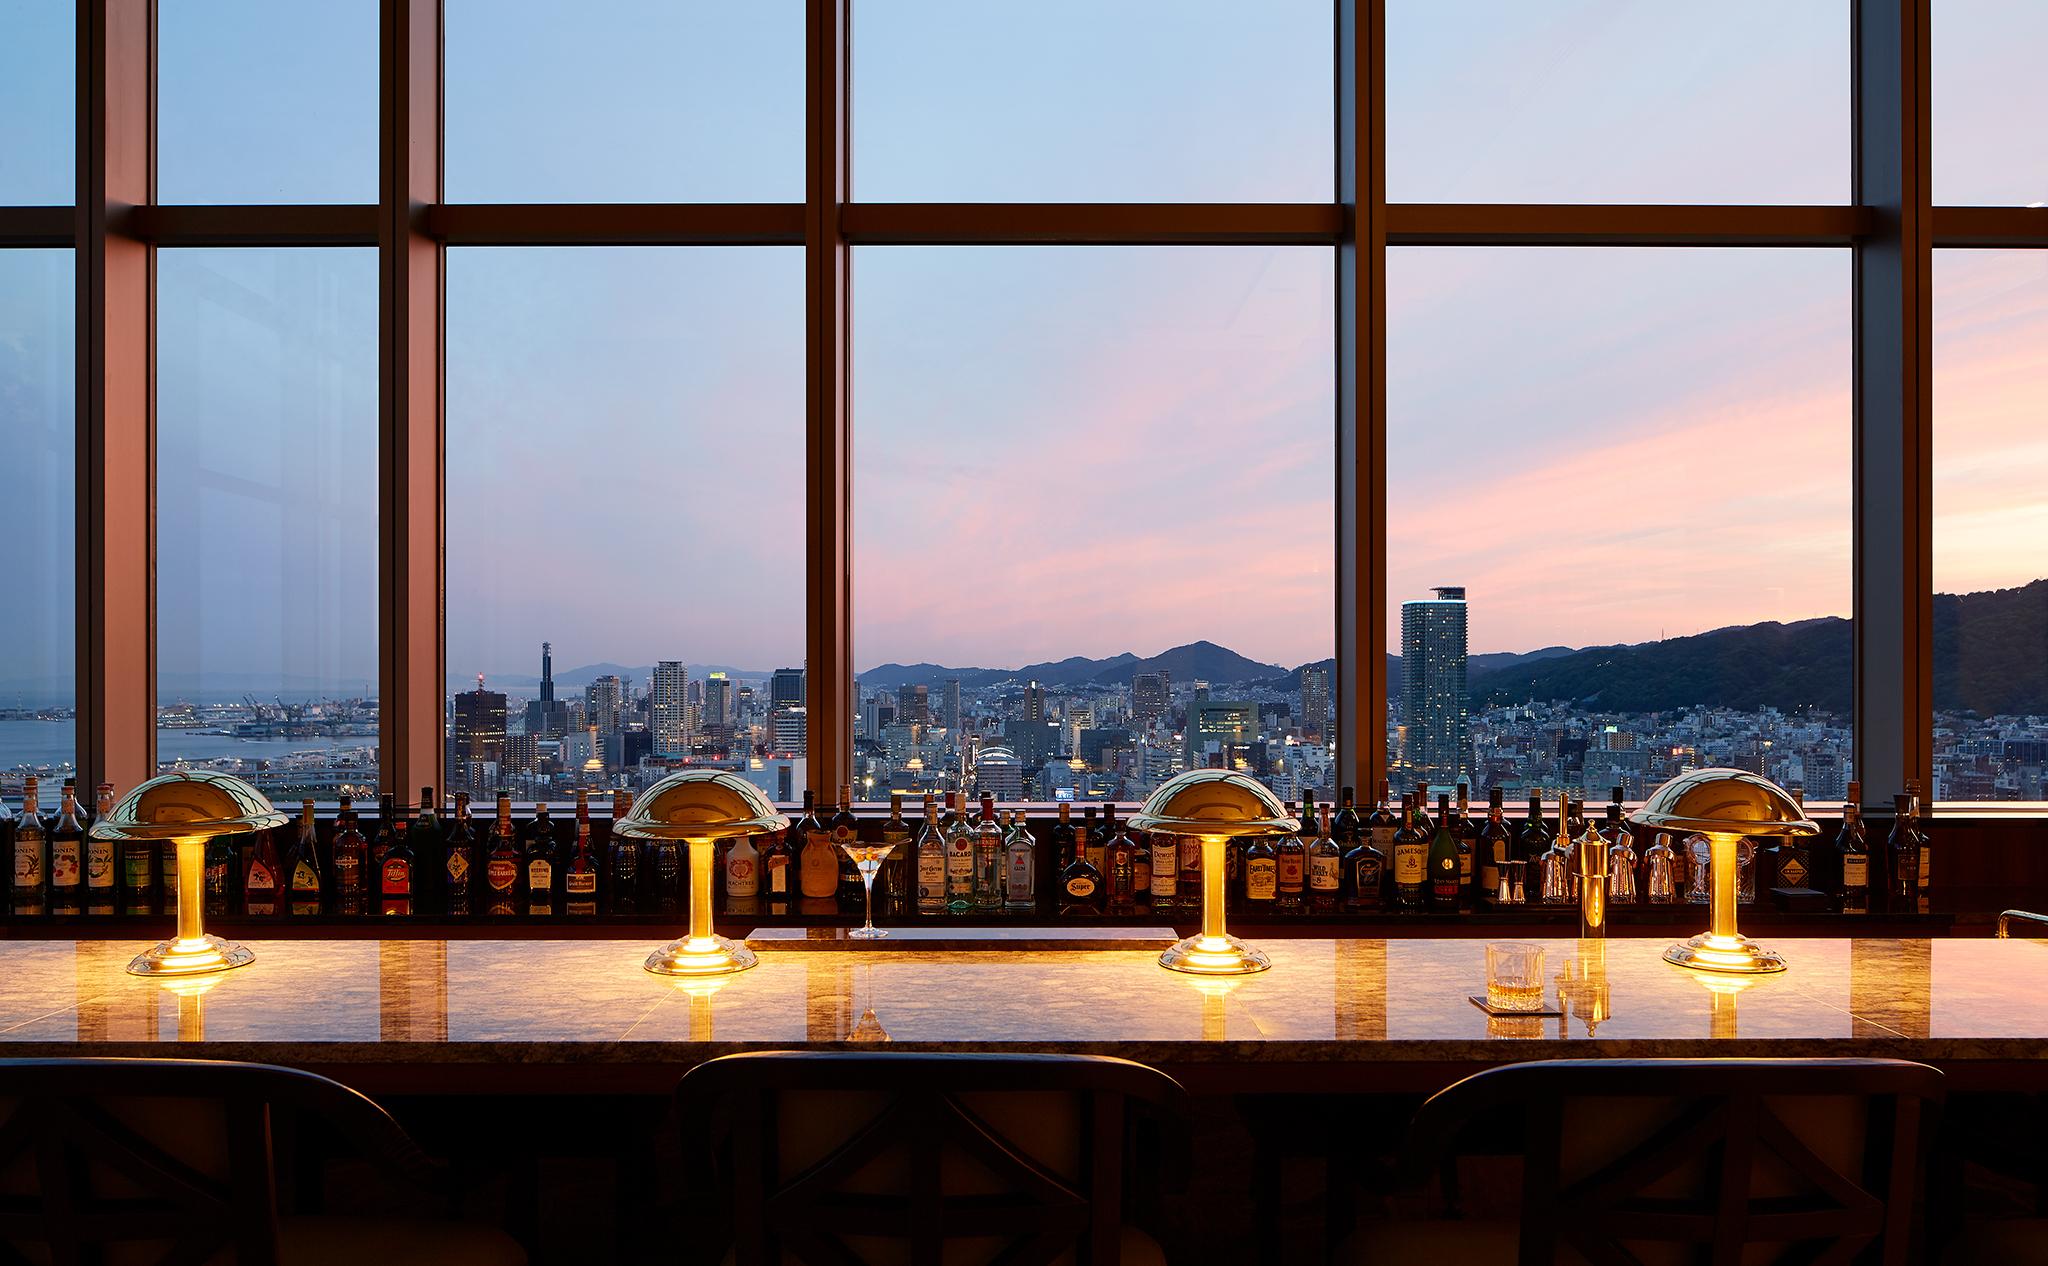 Kobe Tower – Kobe